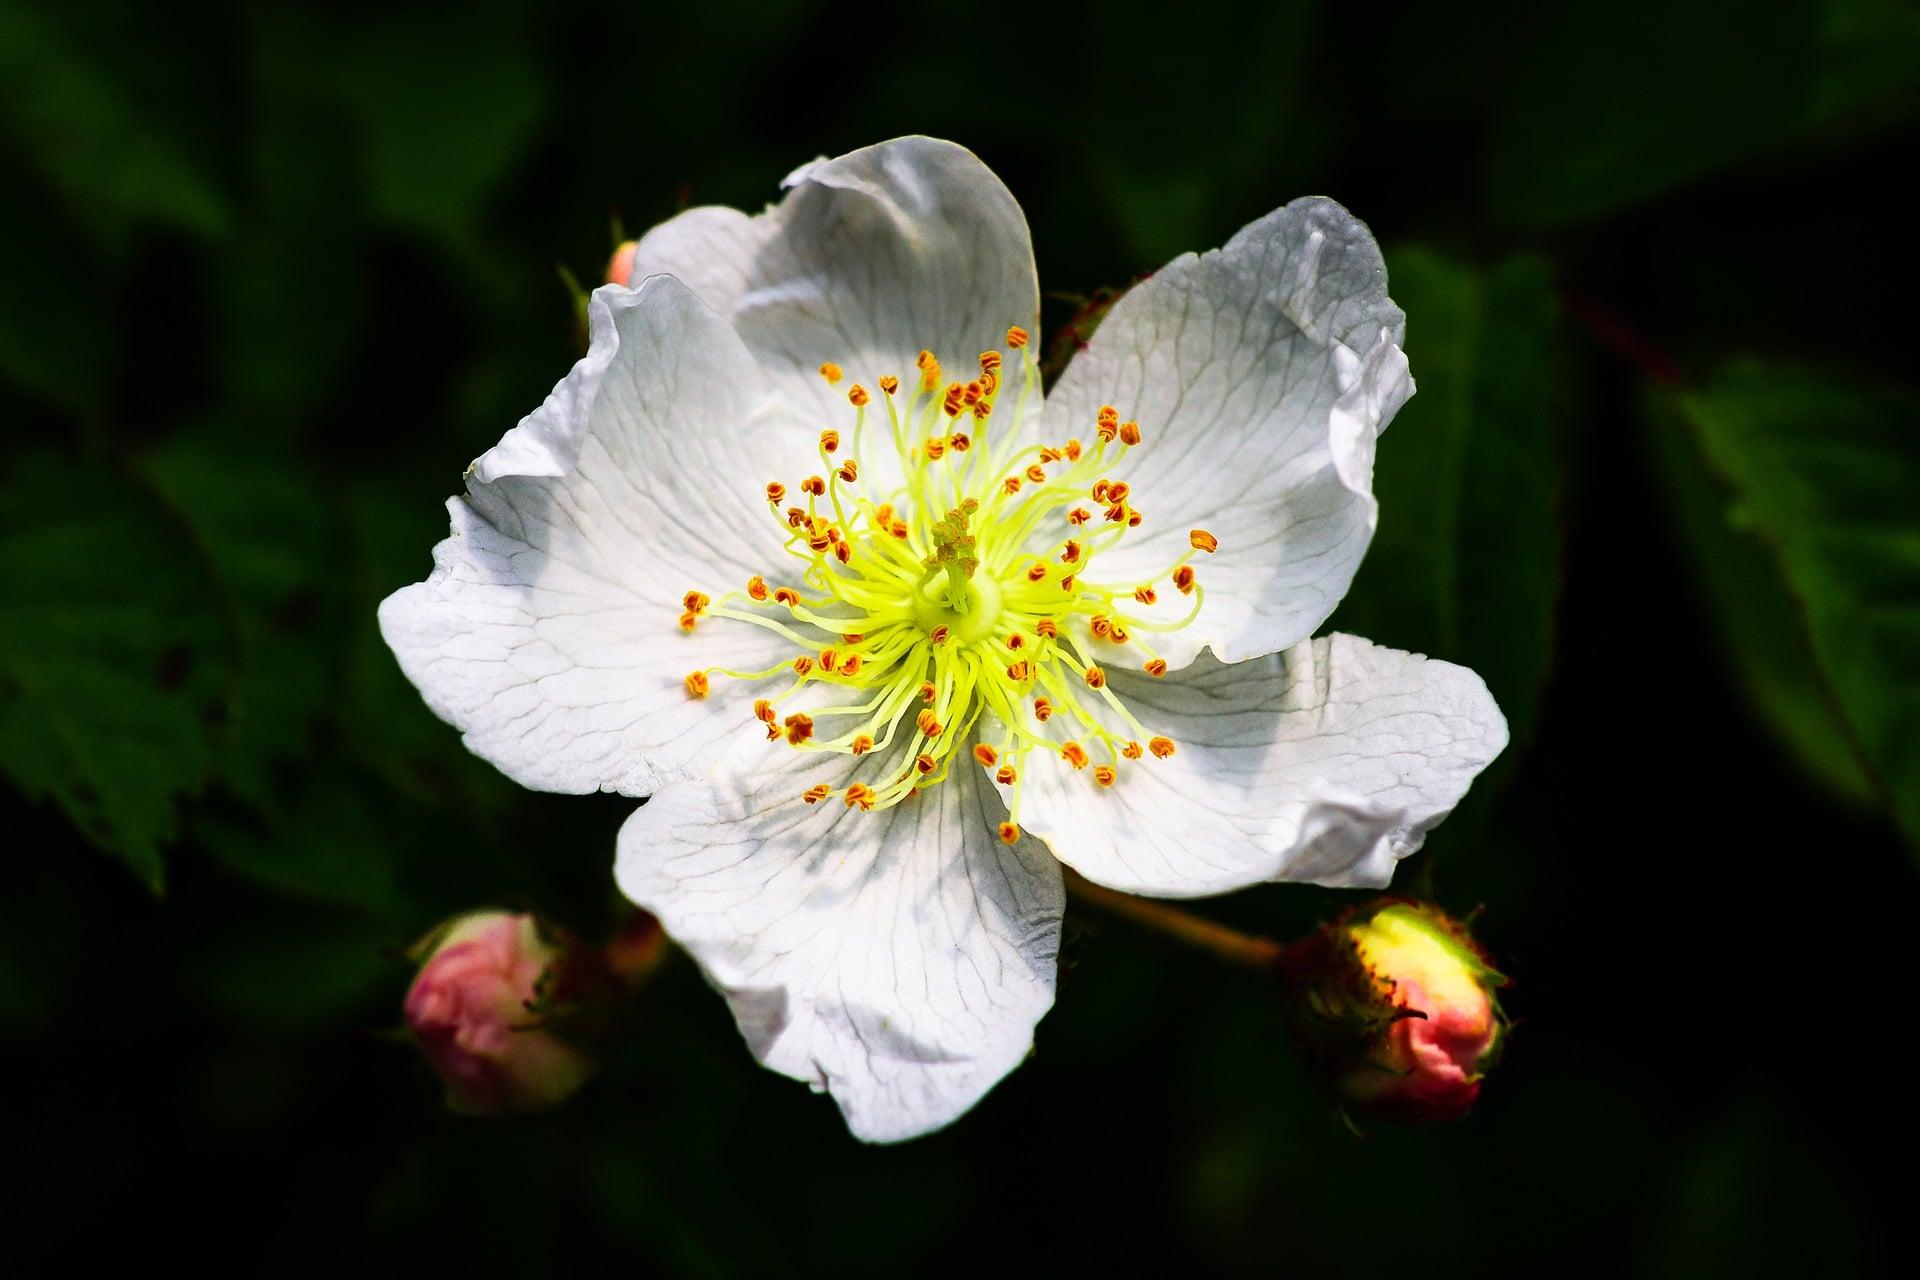 multiflora rose pixabay